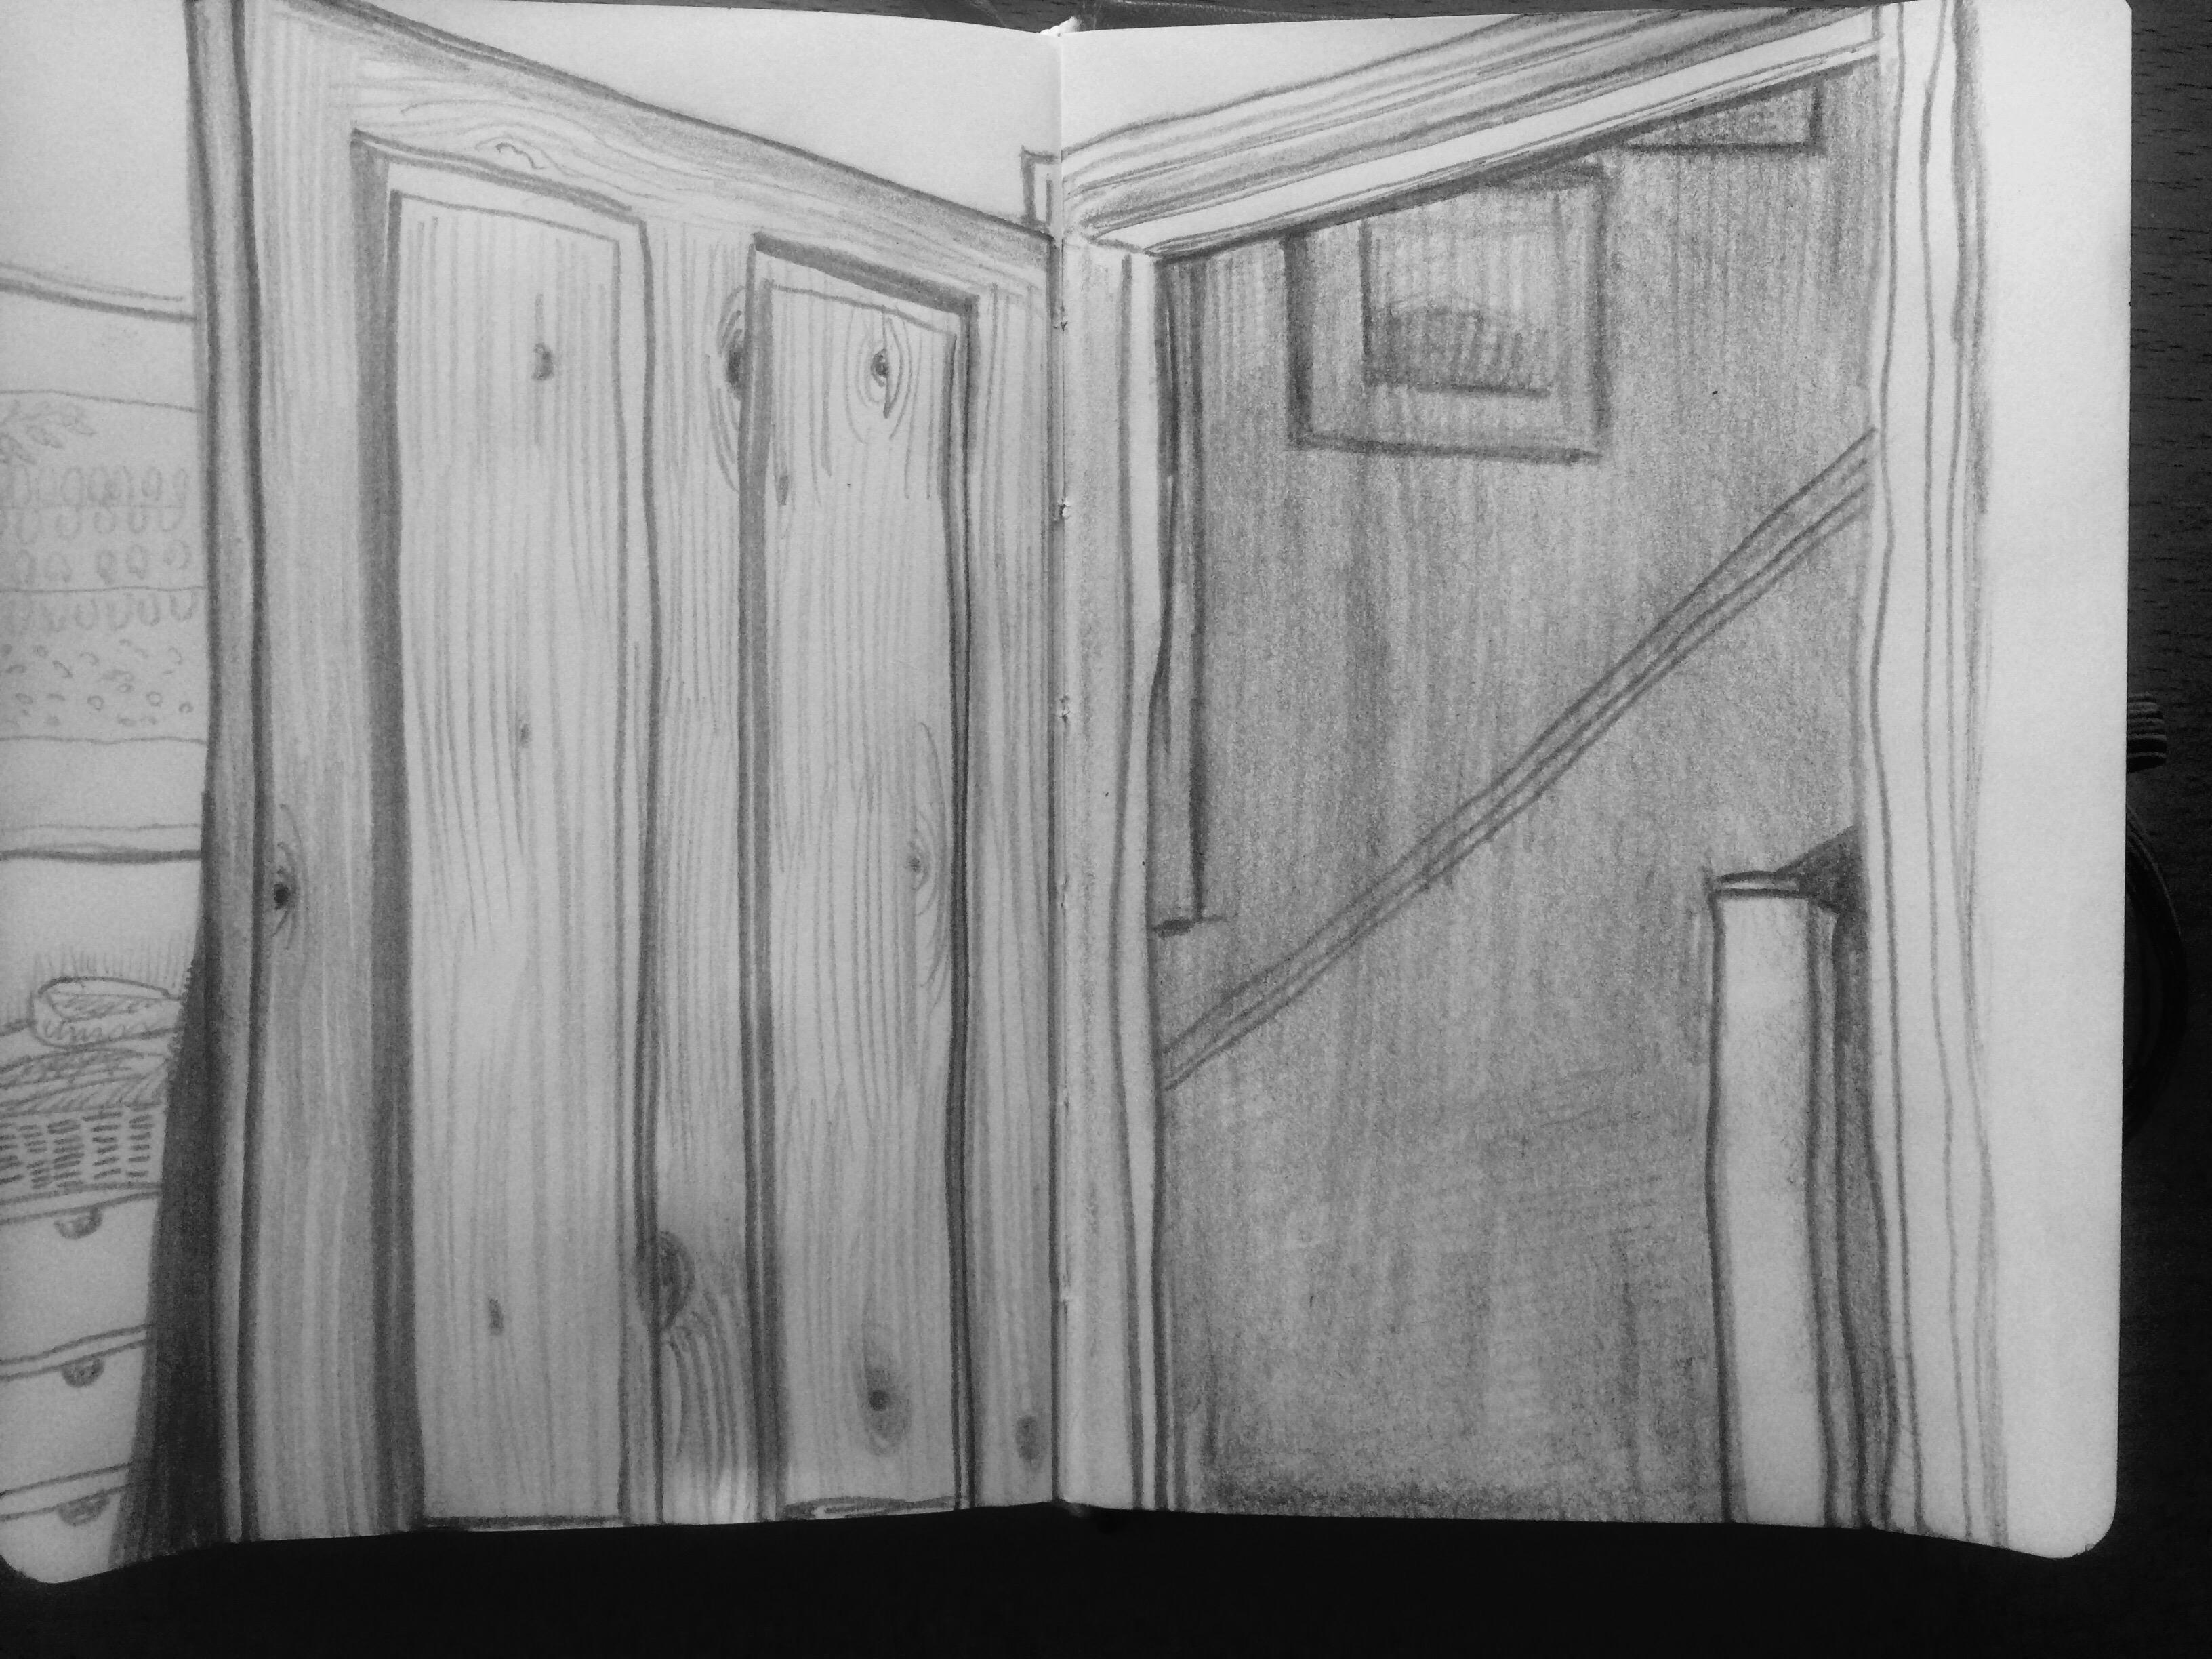 Top Half Of Open Door